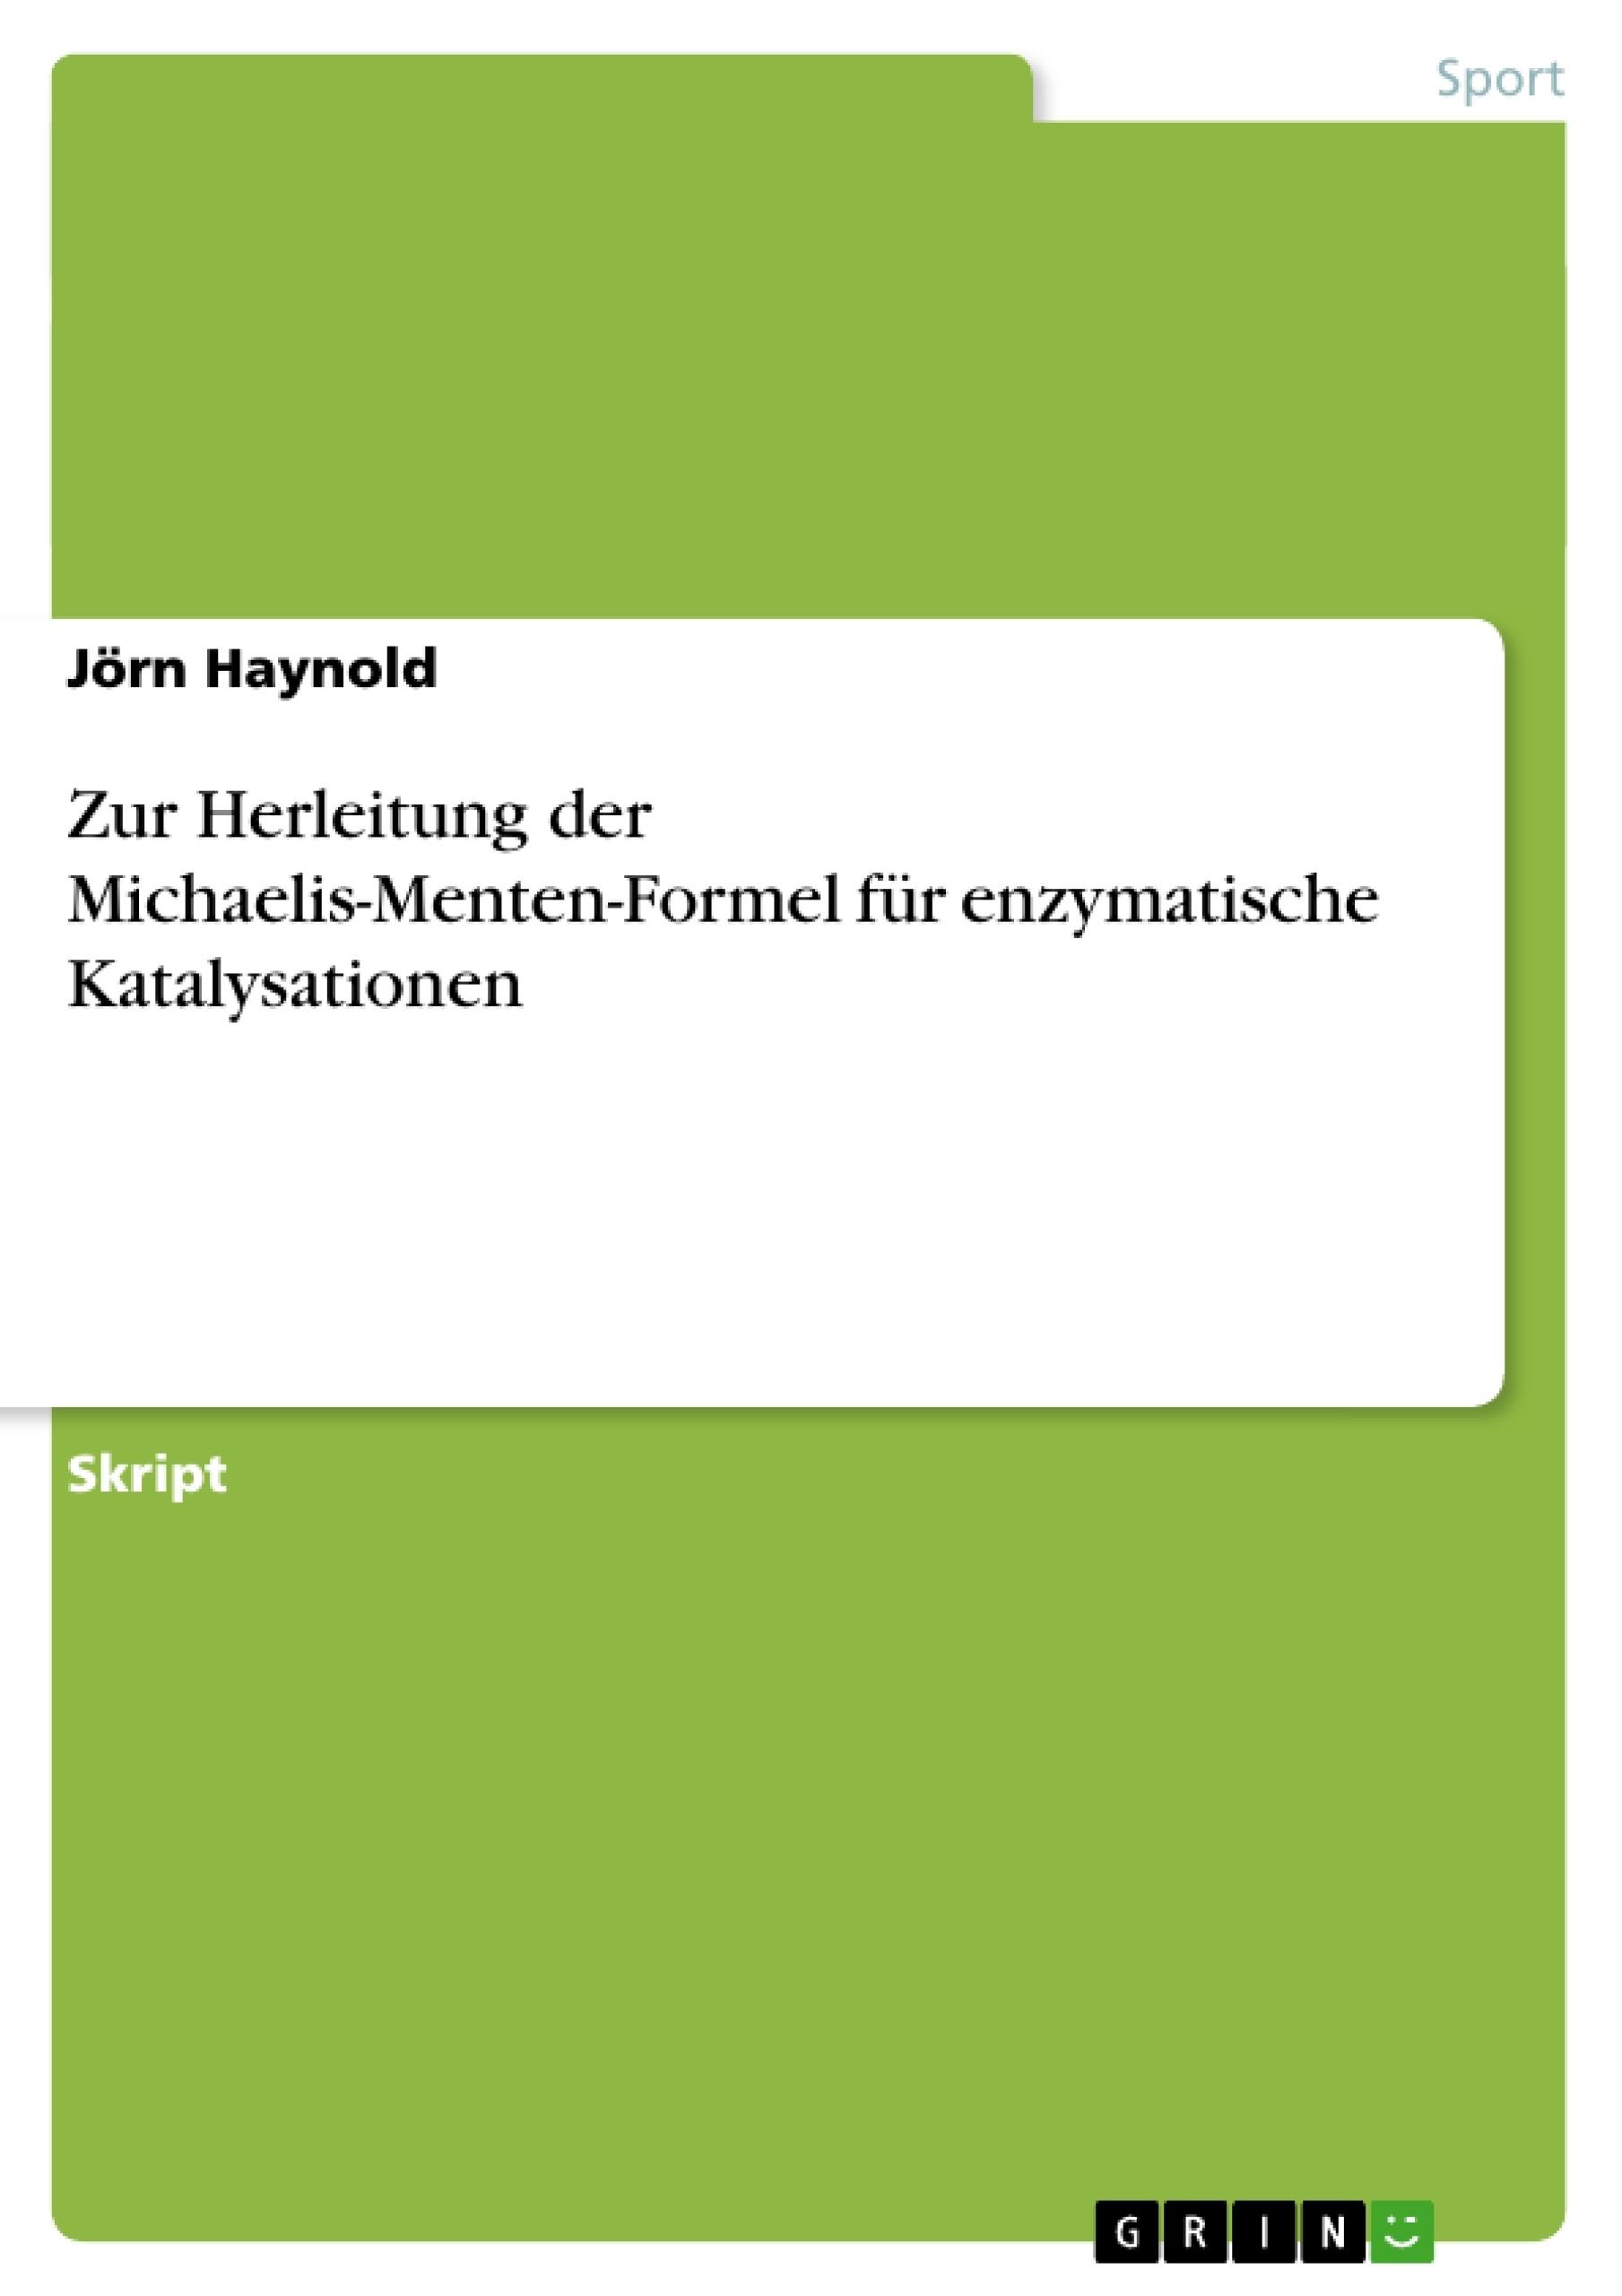 Titel: Zur Herleitung der Michaelis-Menten-Formel für enzymatische Katalysationen